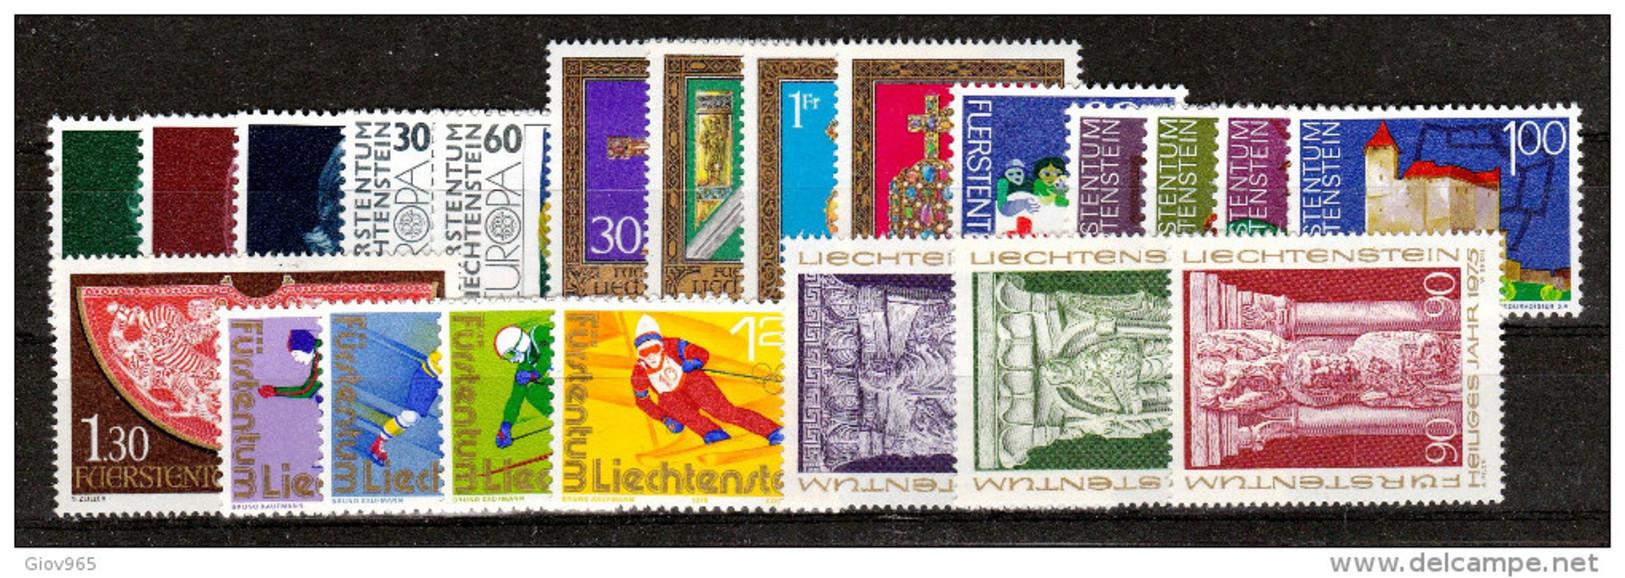 LIECHTENSTEIN  Xx  1975   ANNATA  COMPLETA   -  Postfrisch    -     Vedi  Foto ! - Liechtenstein